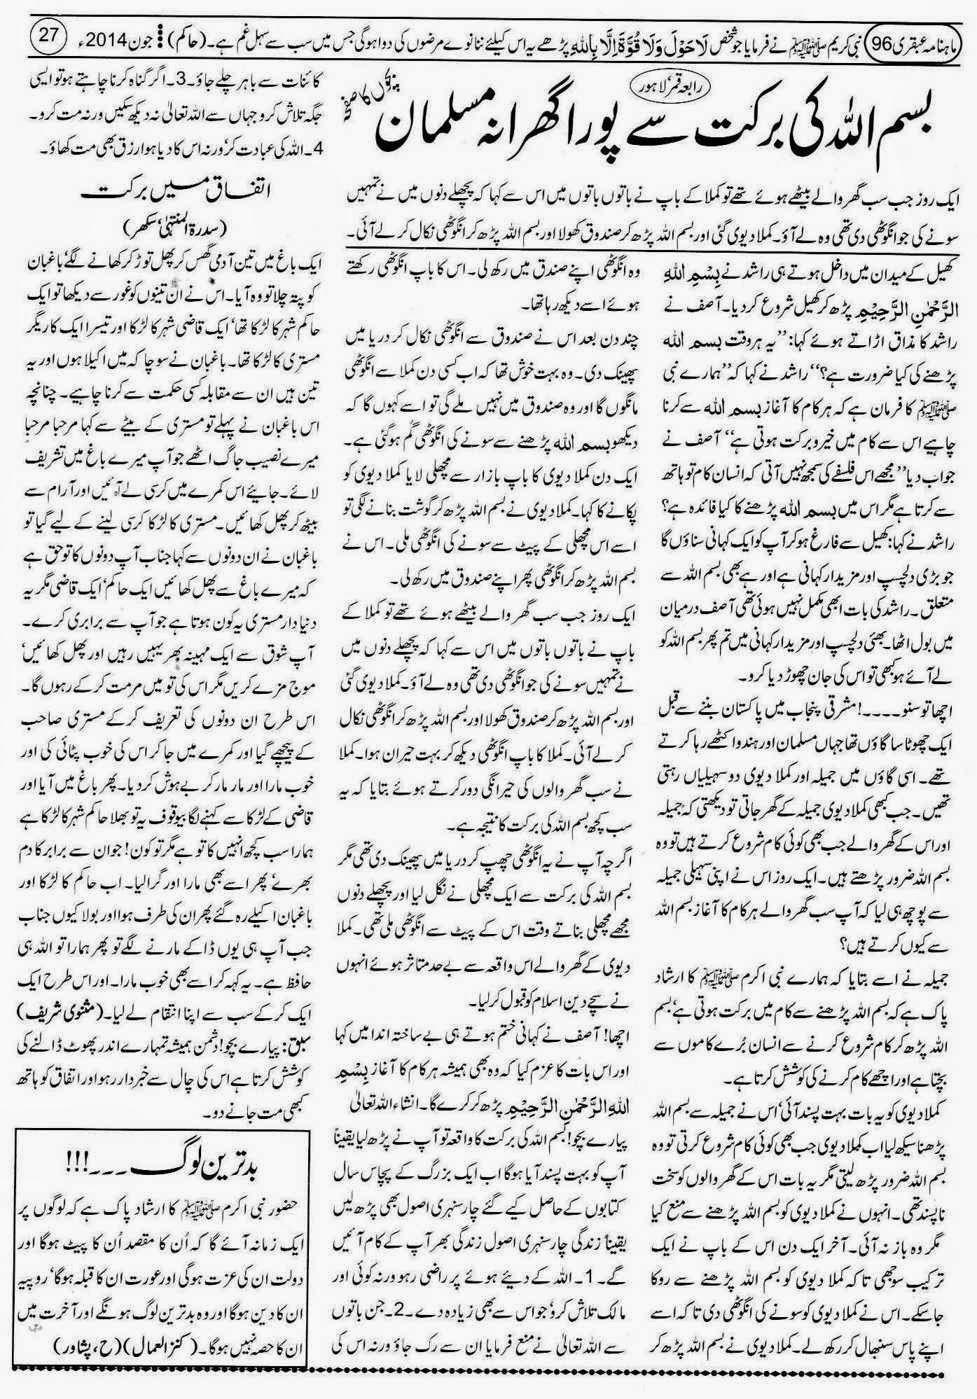 ubqari june 2014 page 27